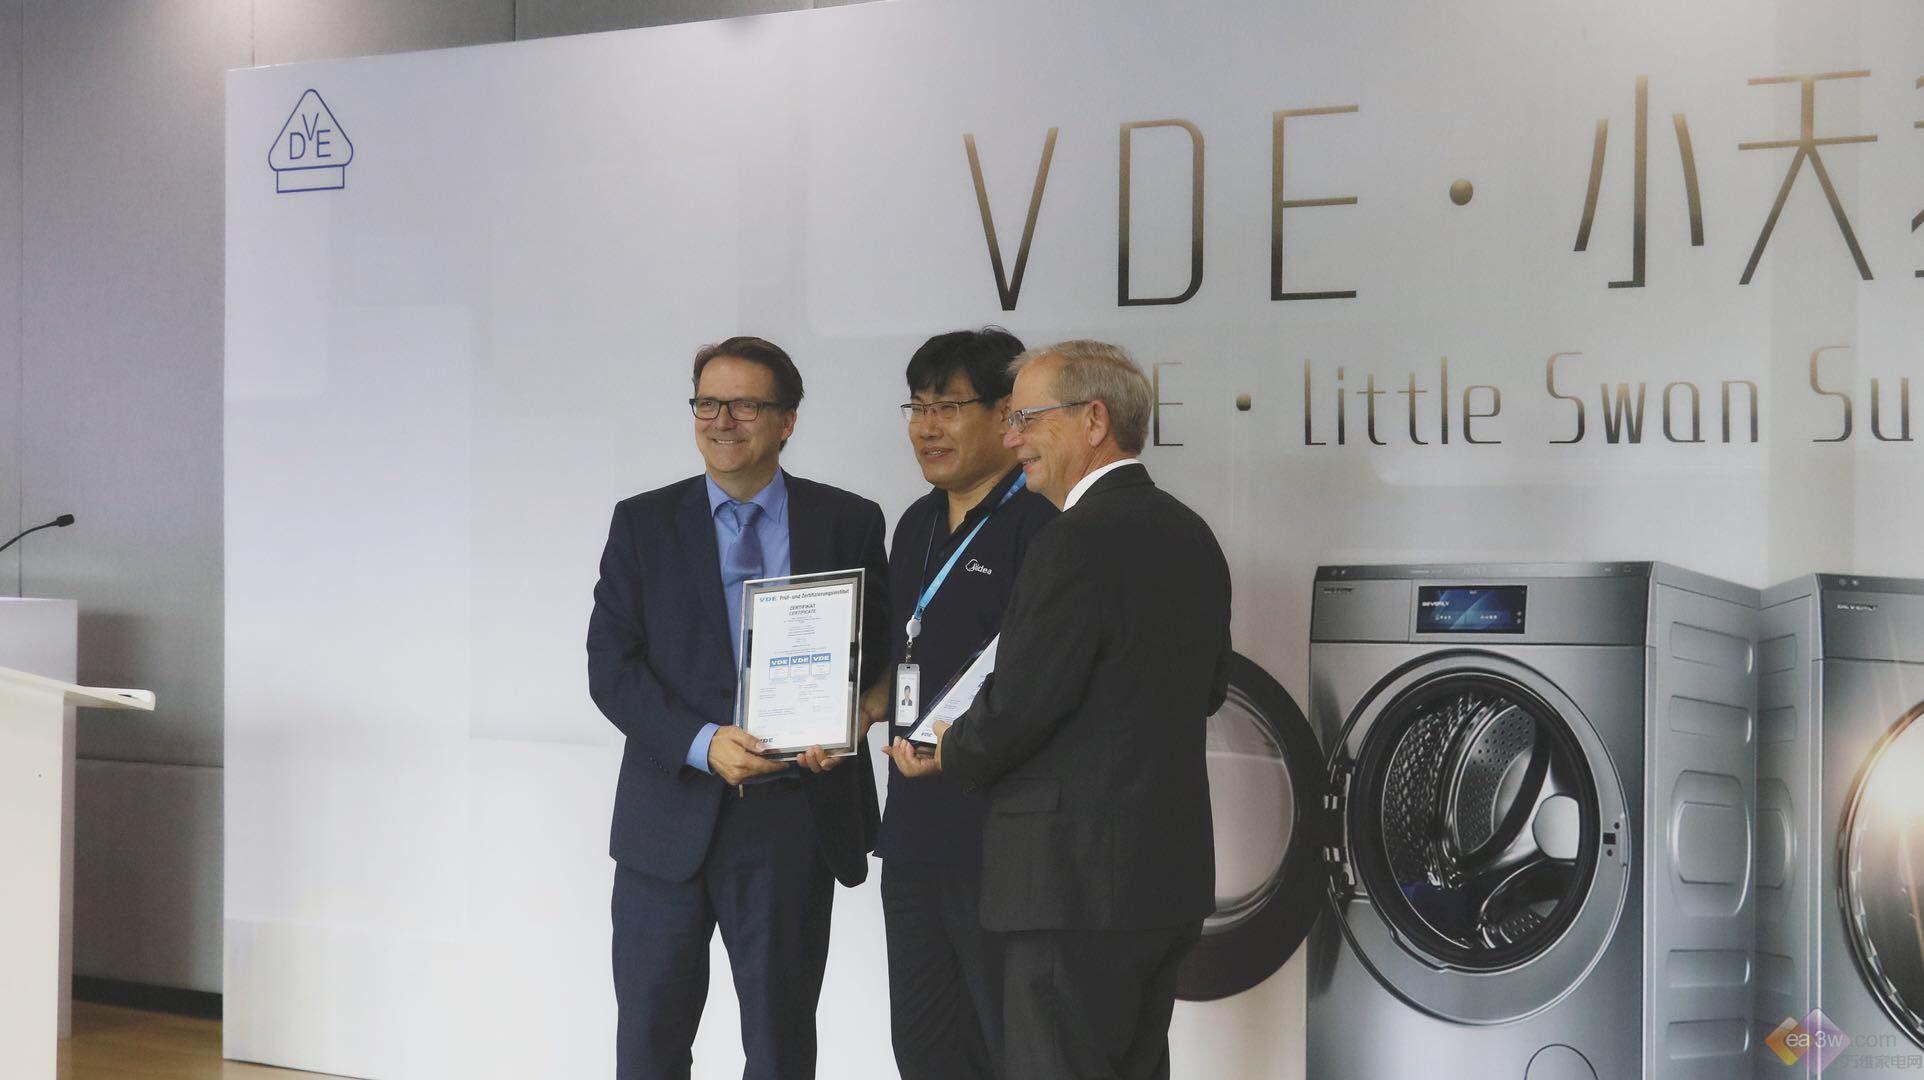 冷水洗涤技术标准制定者:小天鹅科研体系获VDE三重认证